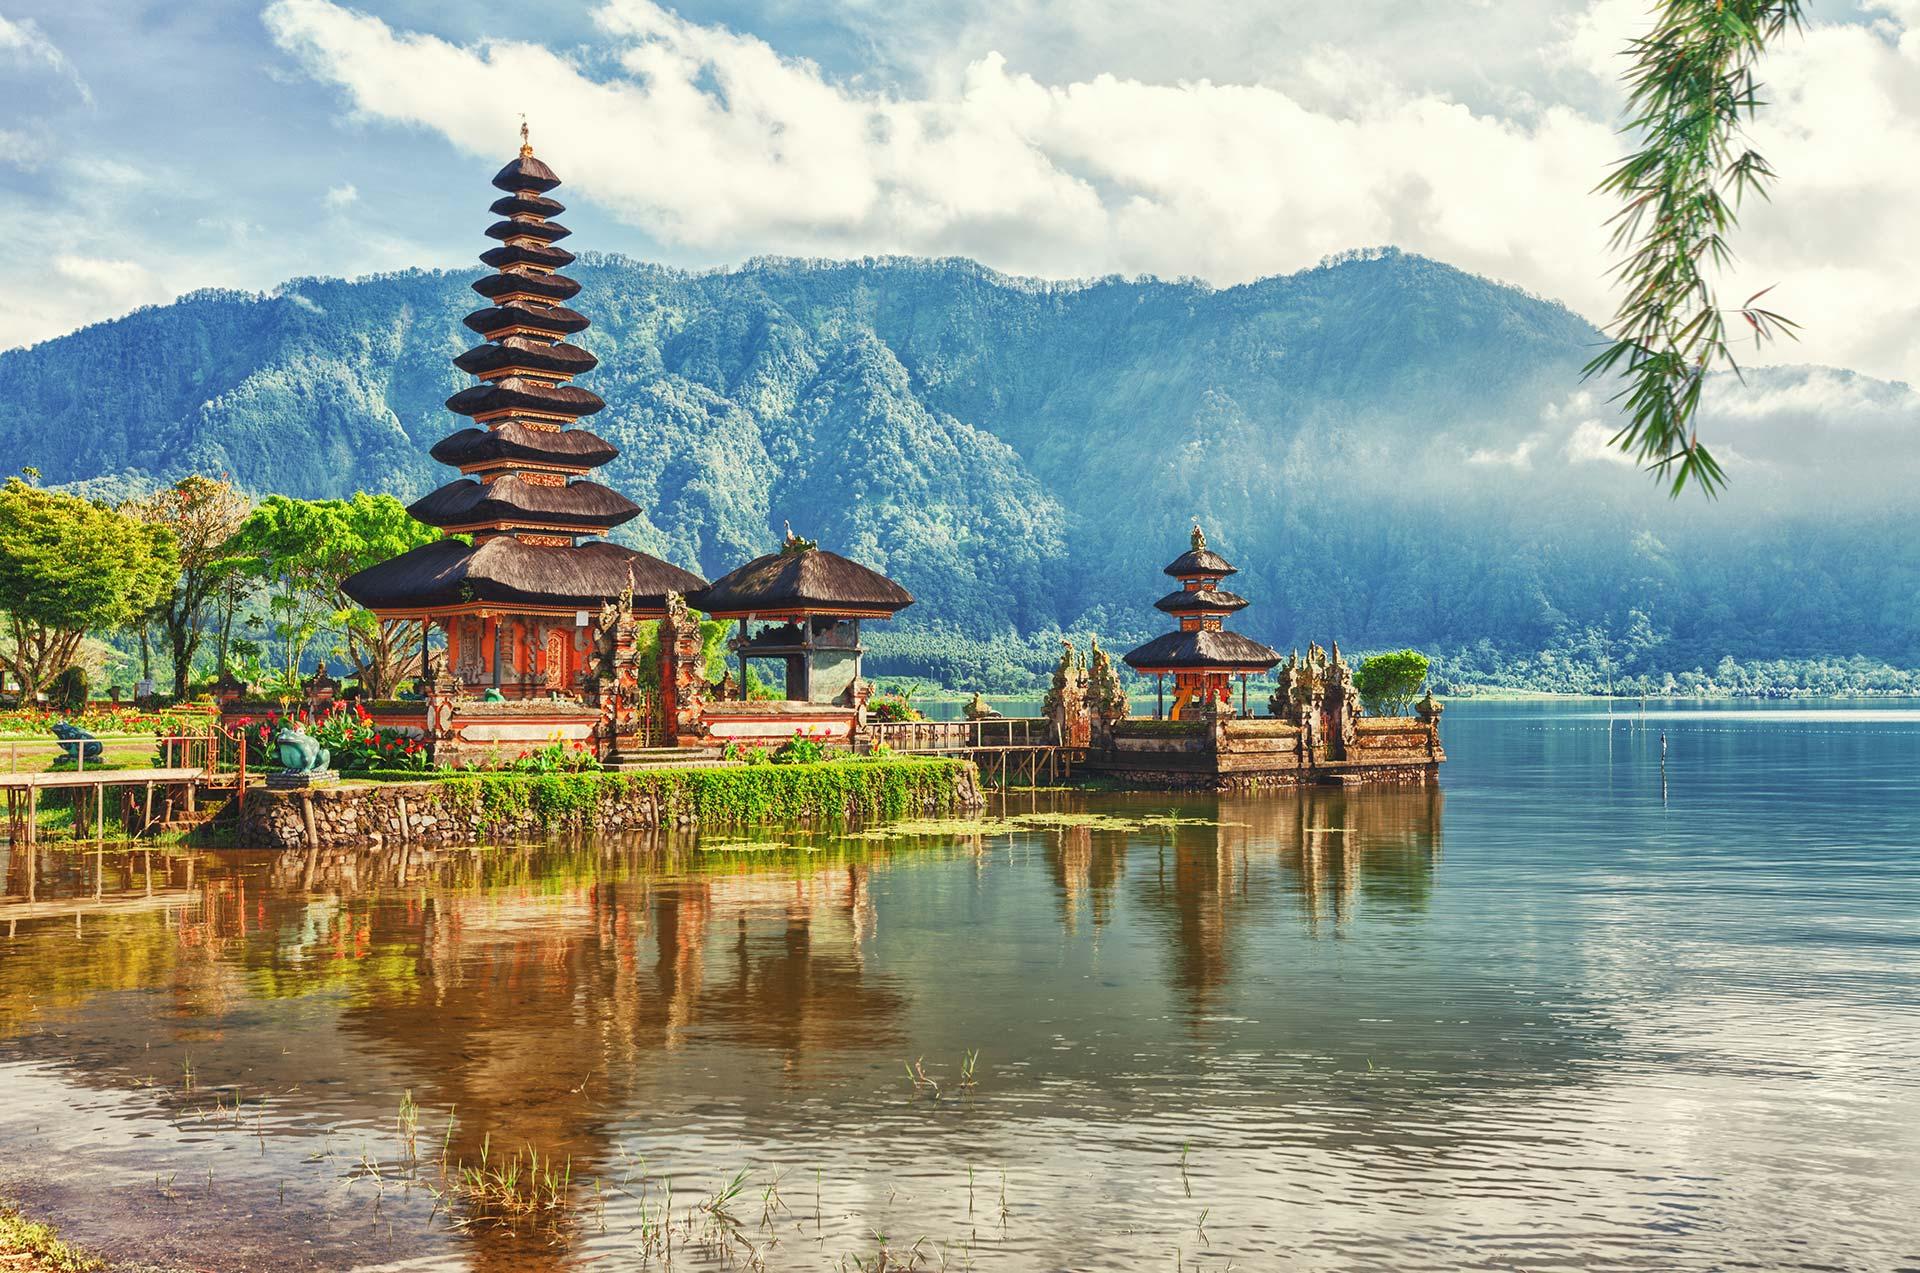 M. Struhárová: Čím viac ostrovov som v Indonézii videla, tým jasnejšie vidím, ako Bali medzi nimi vyčnieva